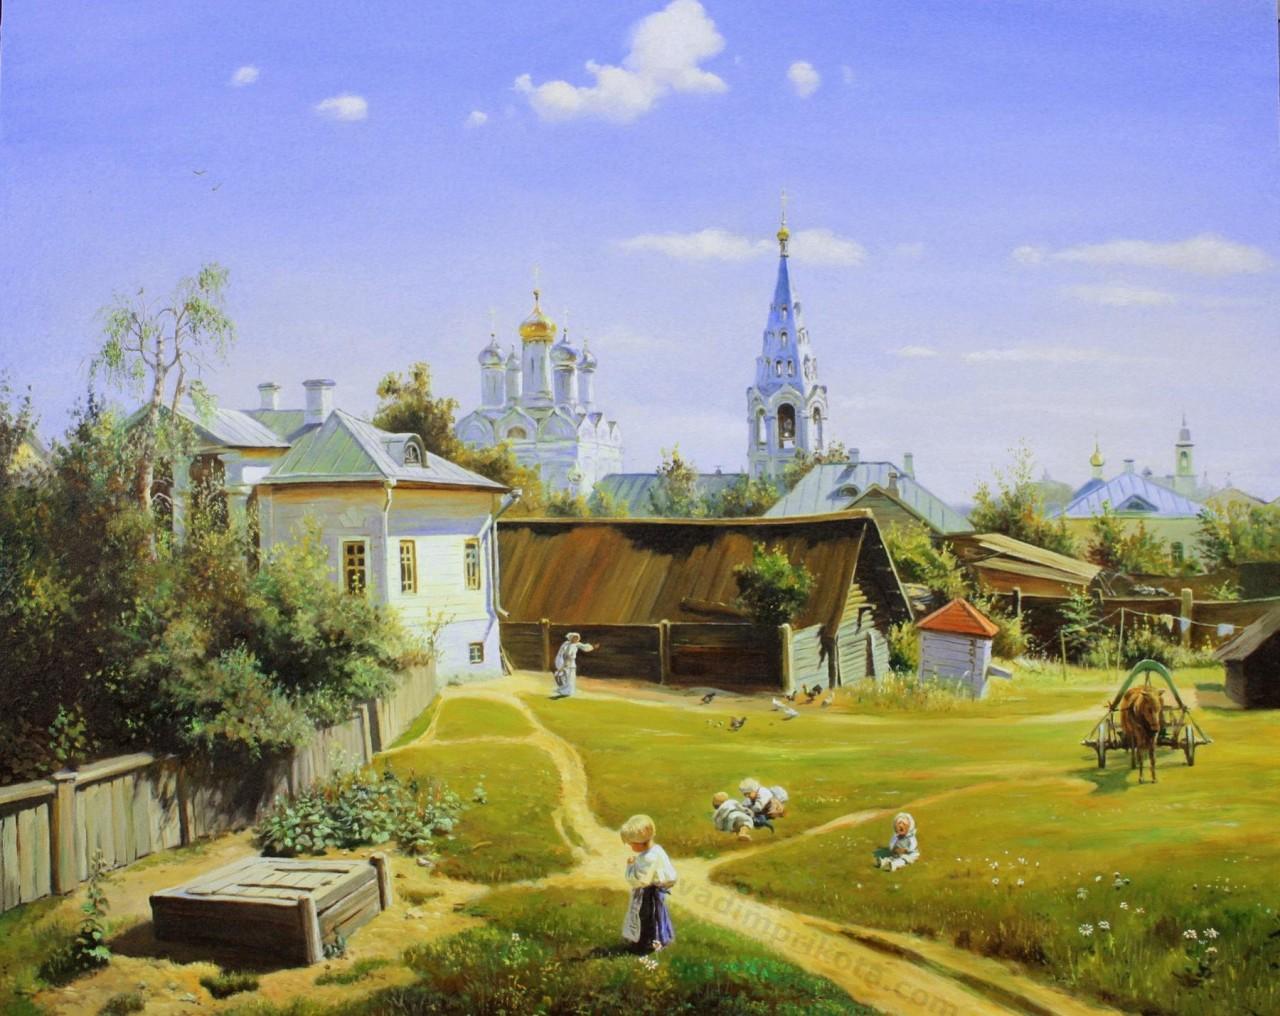 Московский дворик образца 2011г.